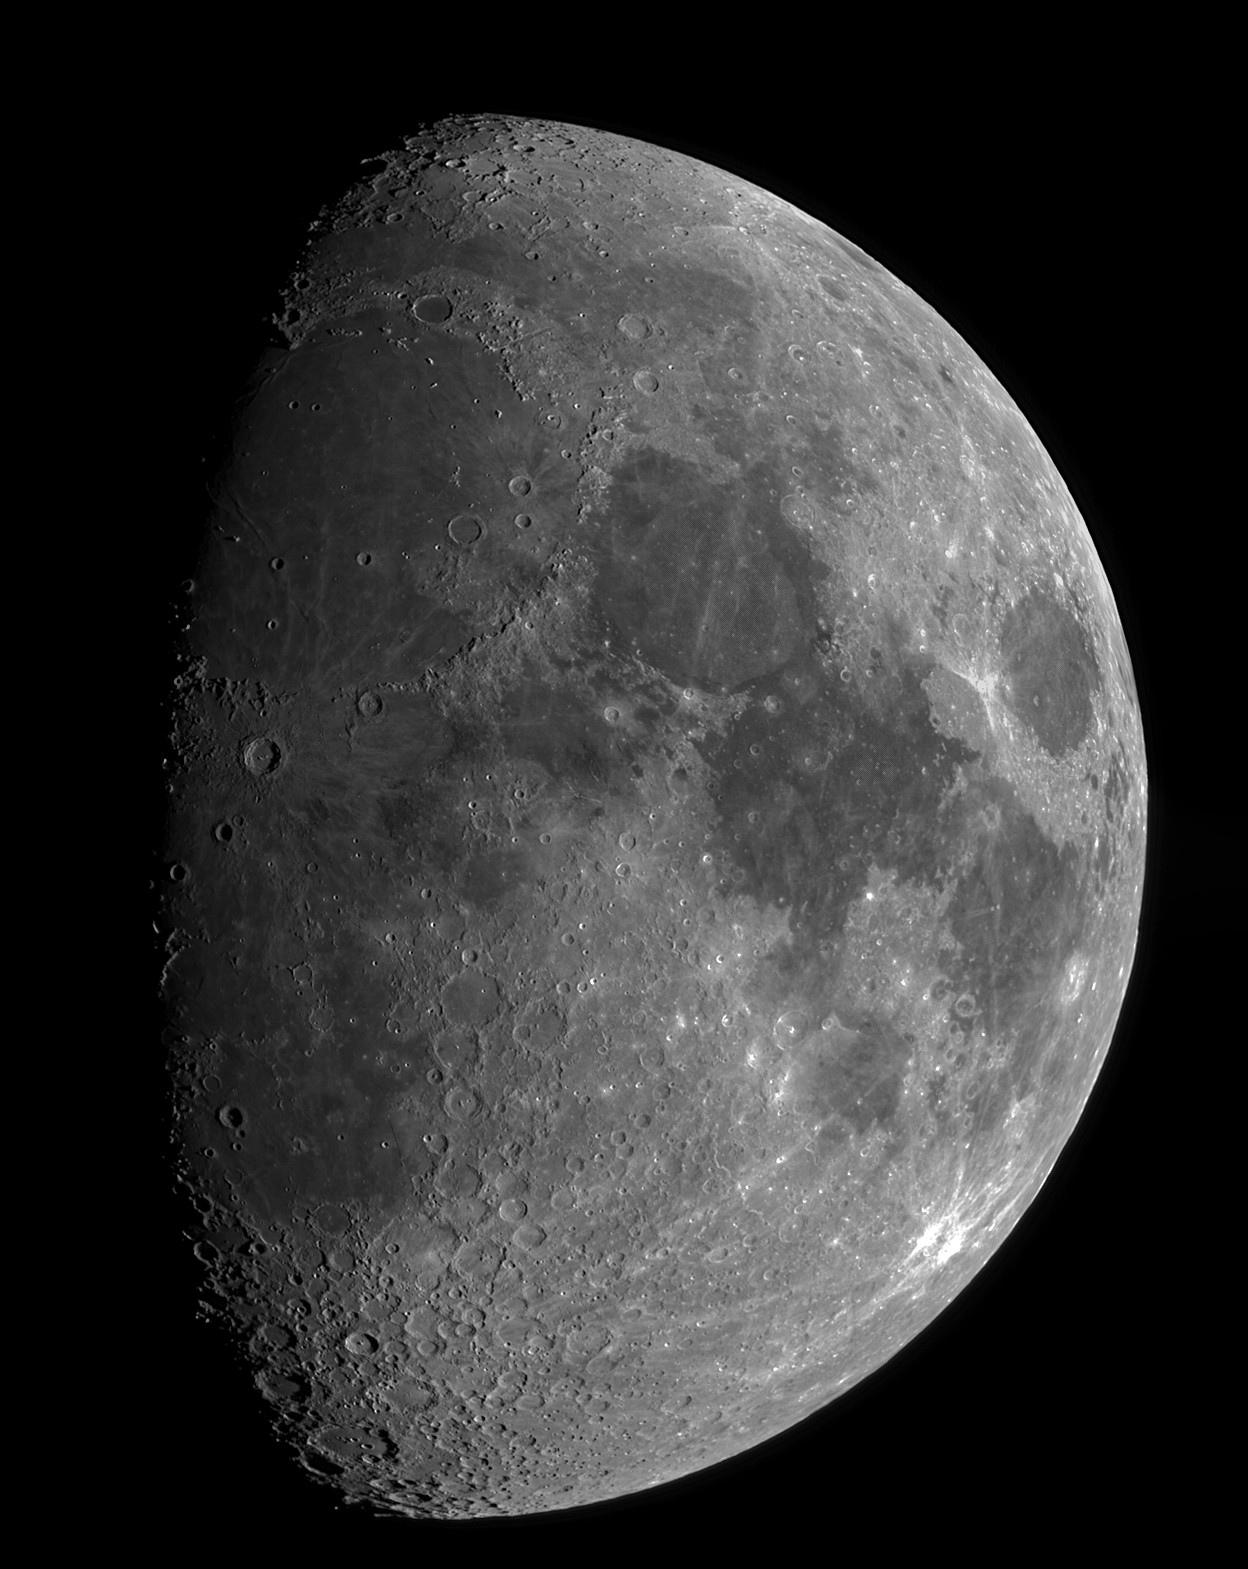 [Group 0]-Moon_202623_lapl4_ap4242_R6_Moon_202824_lapl4_ap5079_R6-2 images_DxO_DxO.jpg